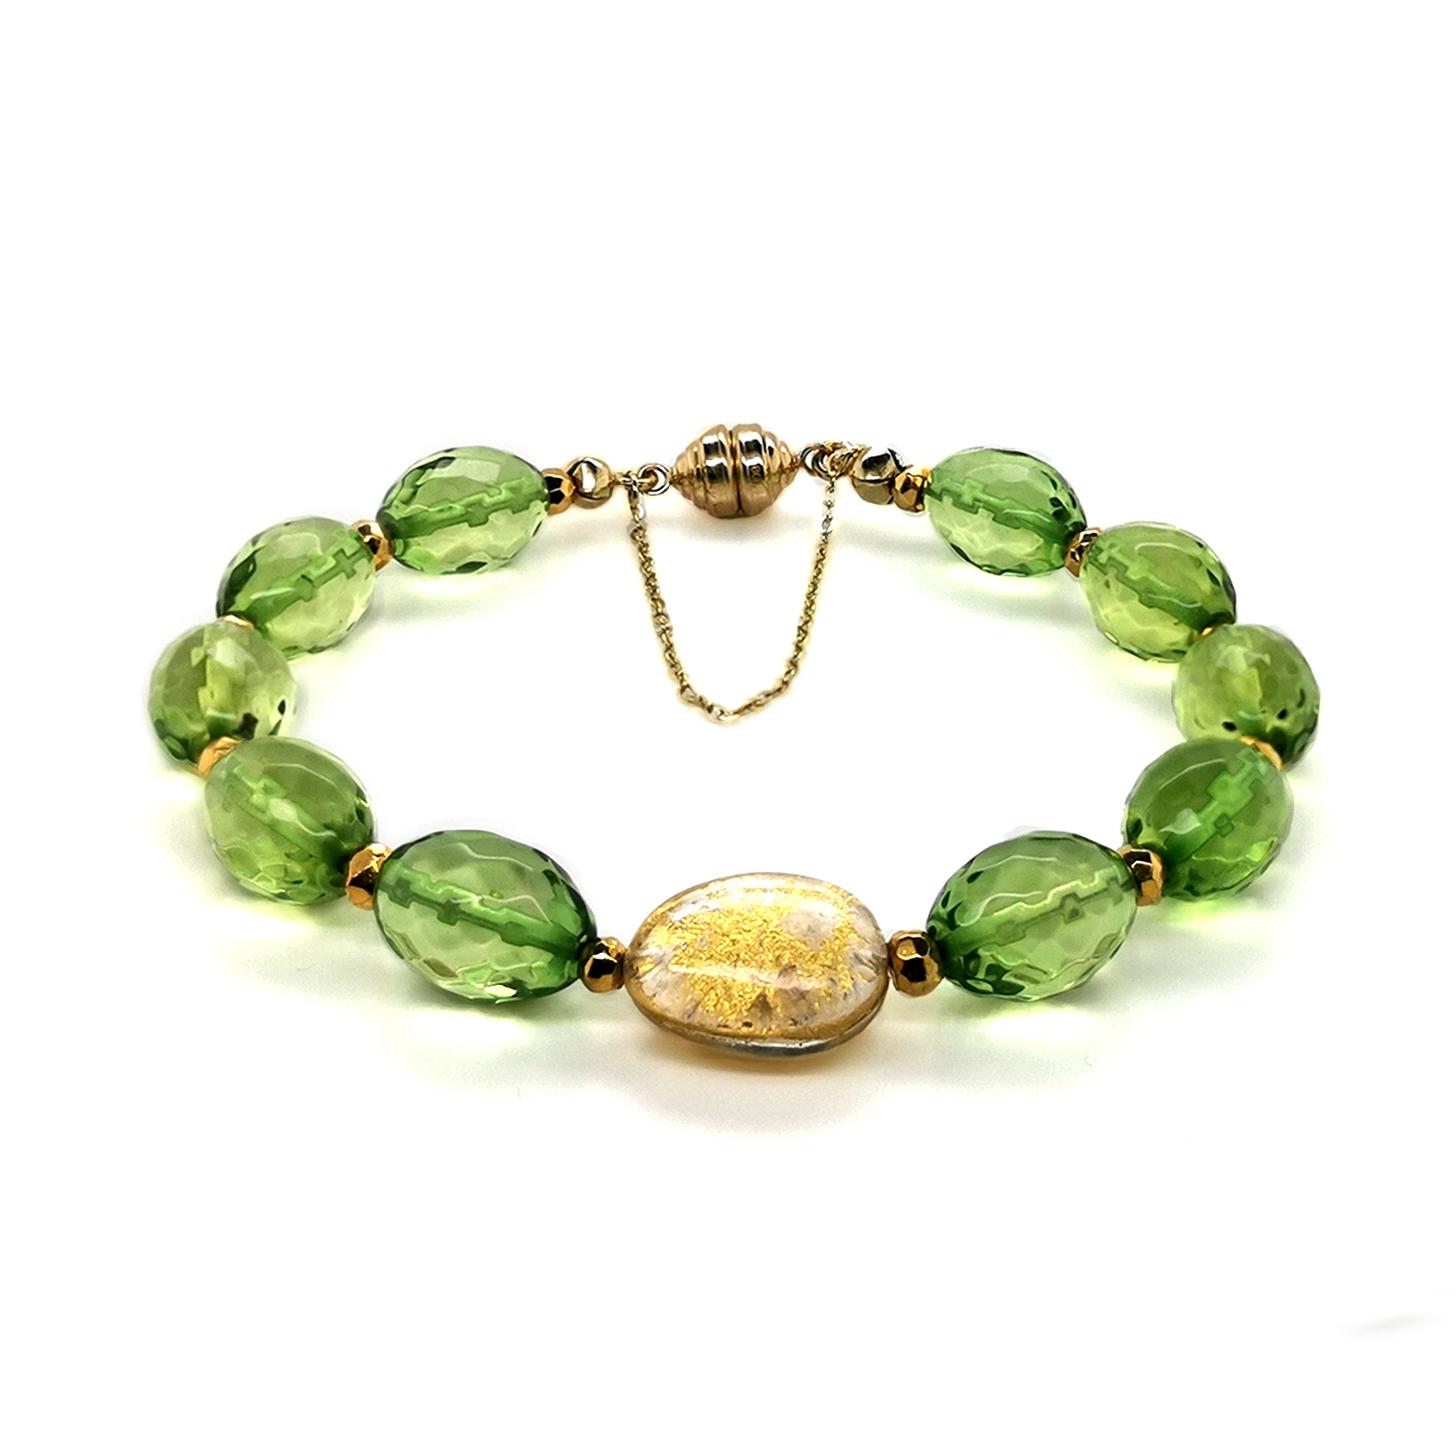 Armband mit grünem Bernstein, goldcoated Pyrit und Bergkristall-Blattgold-Element